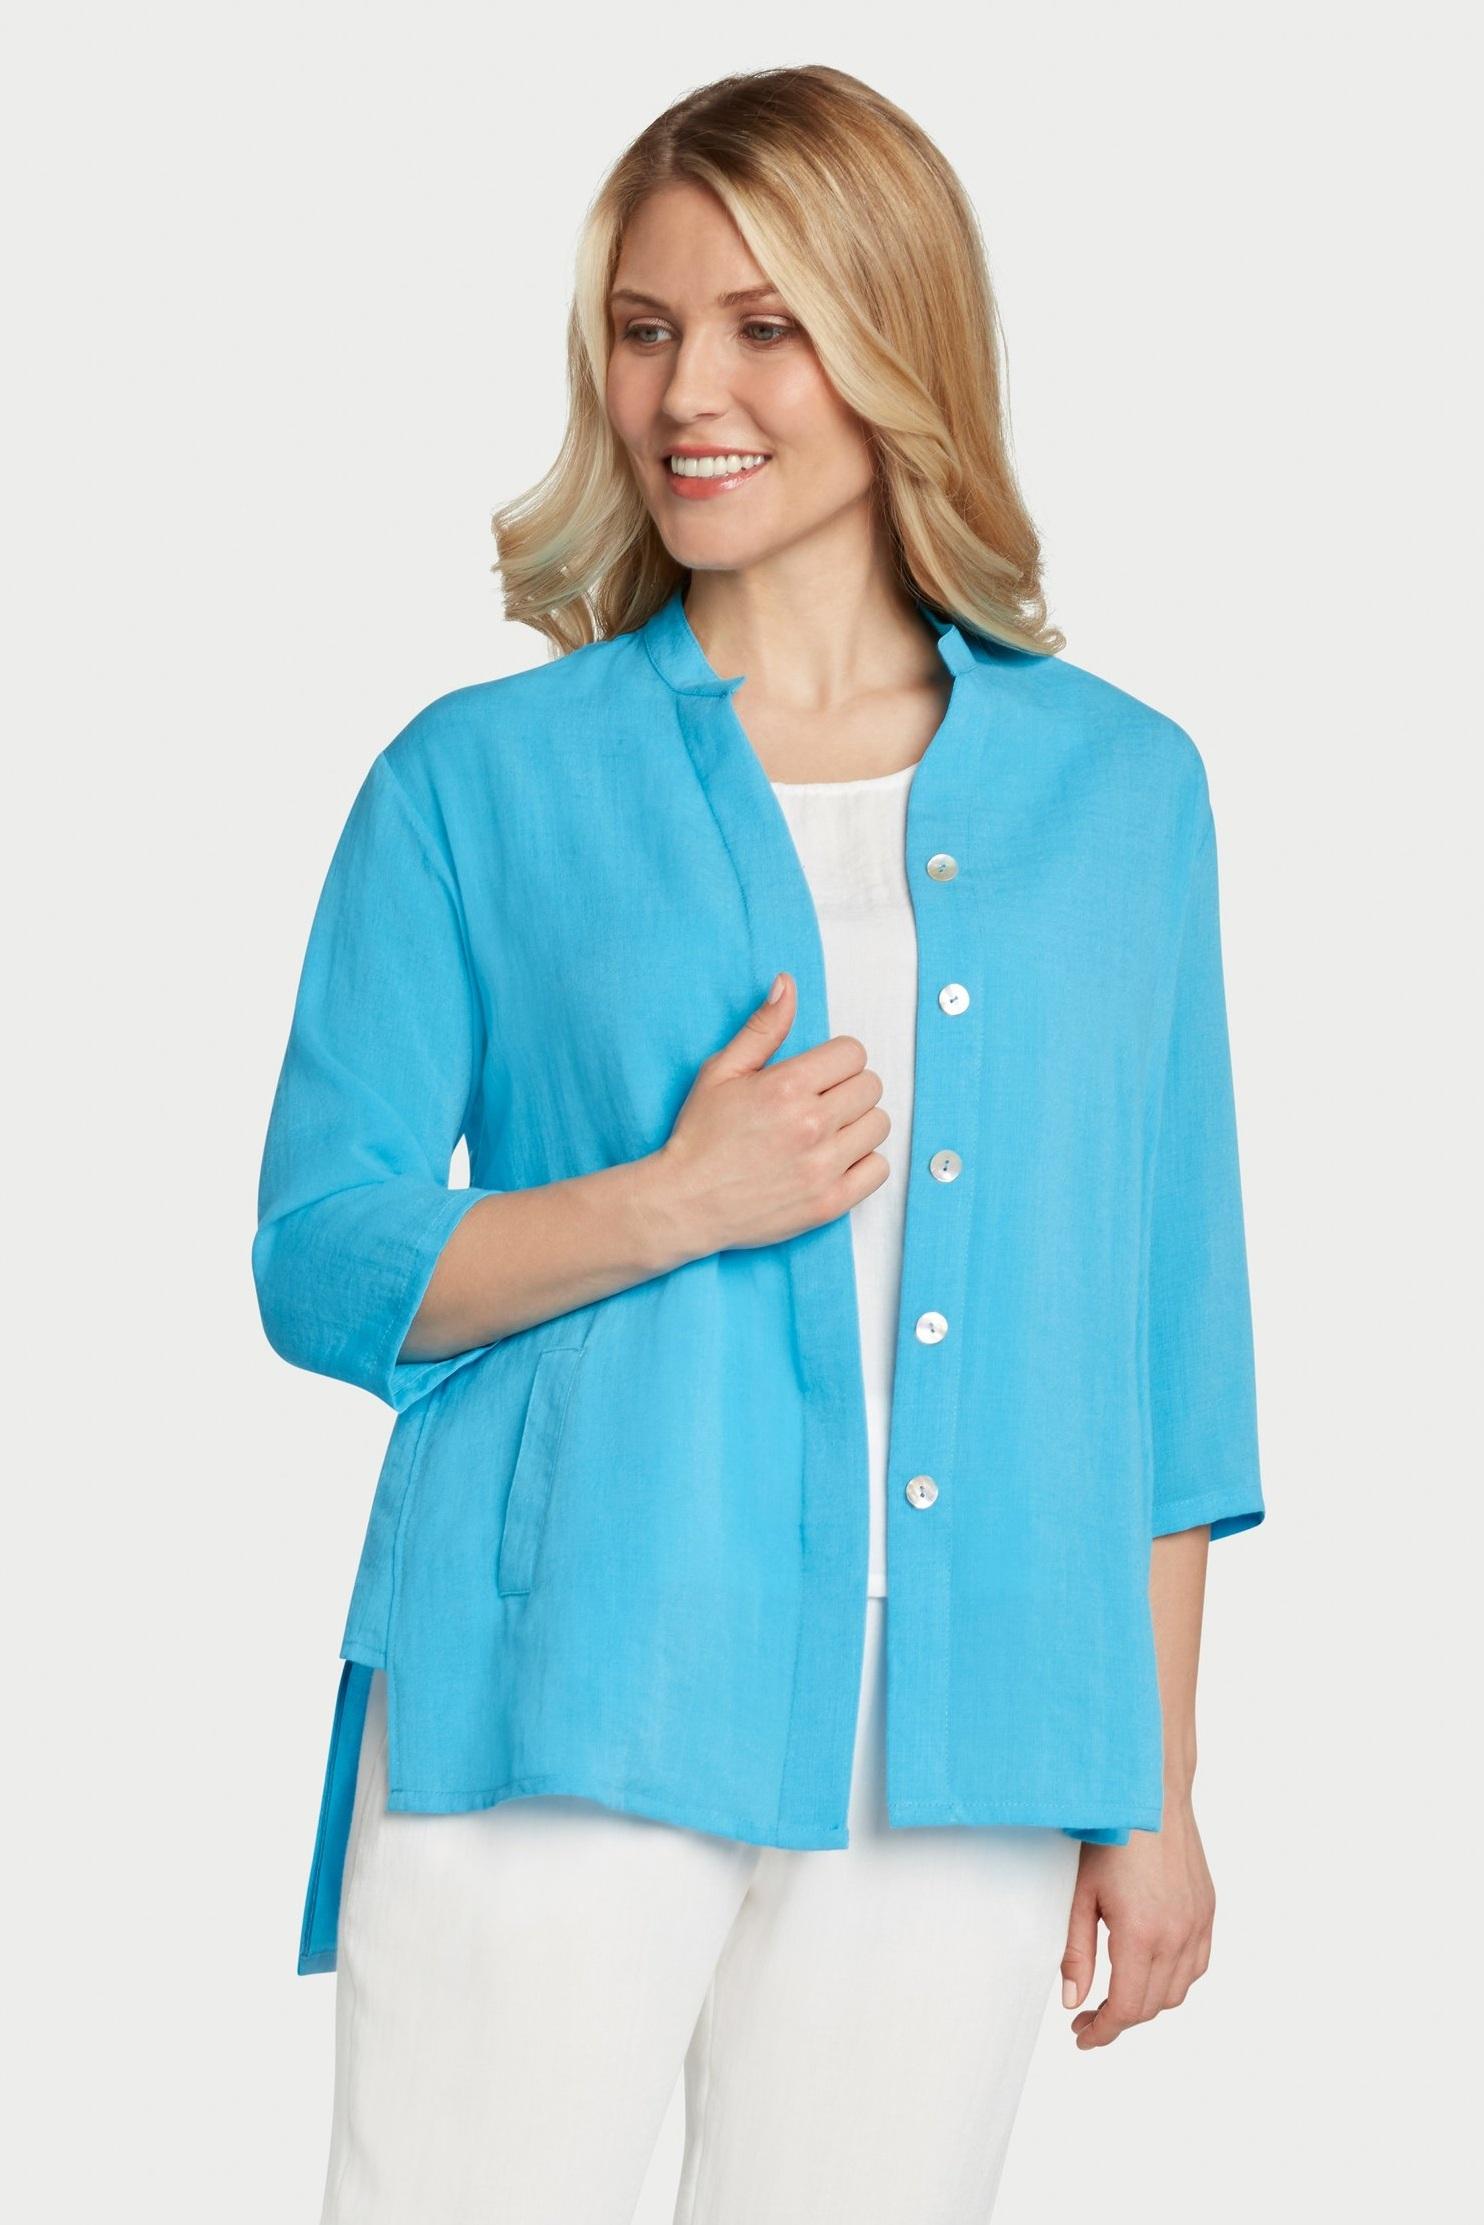 AA245 - Audrey Shirt